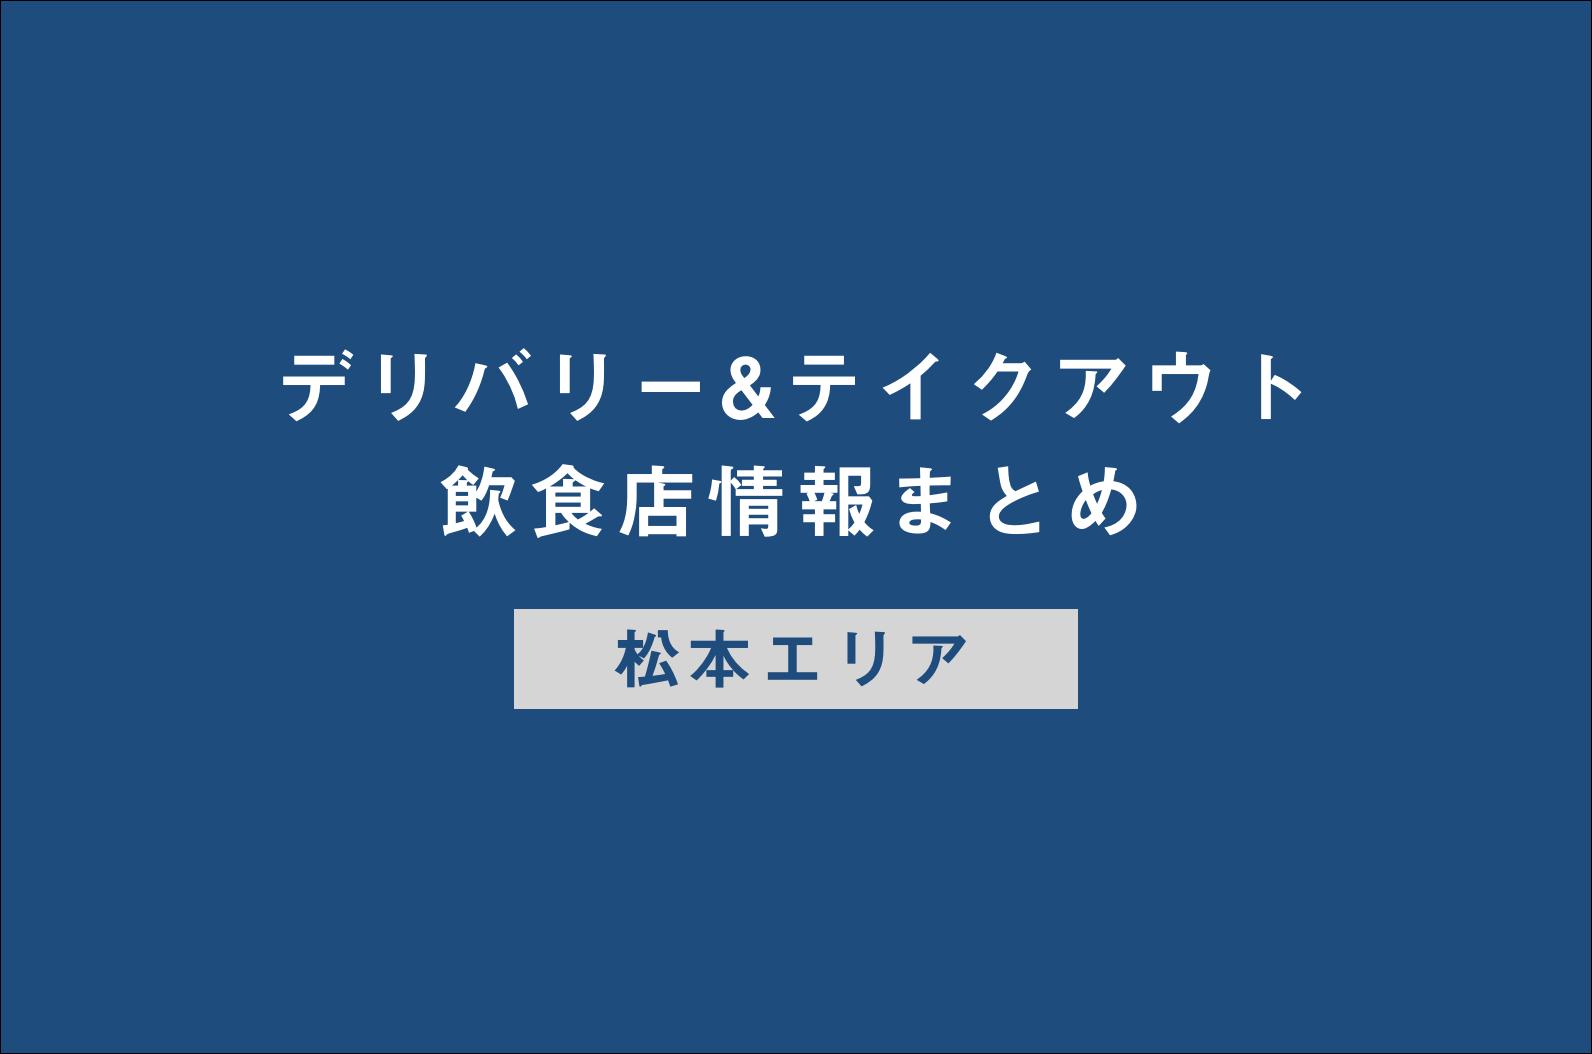 松本デリバリー、テイクアウト飲食店情報まとめ